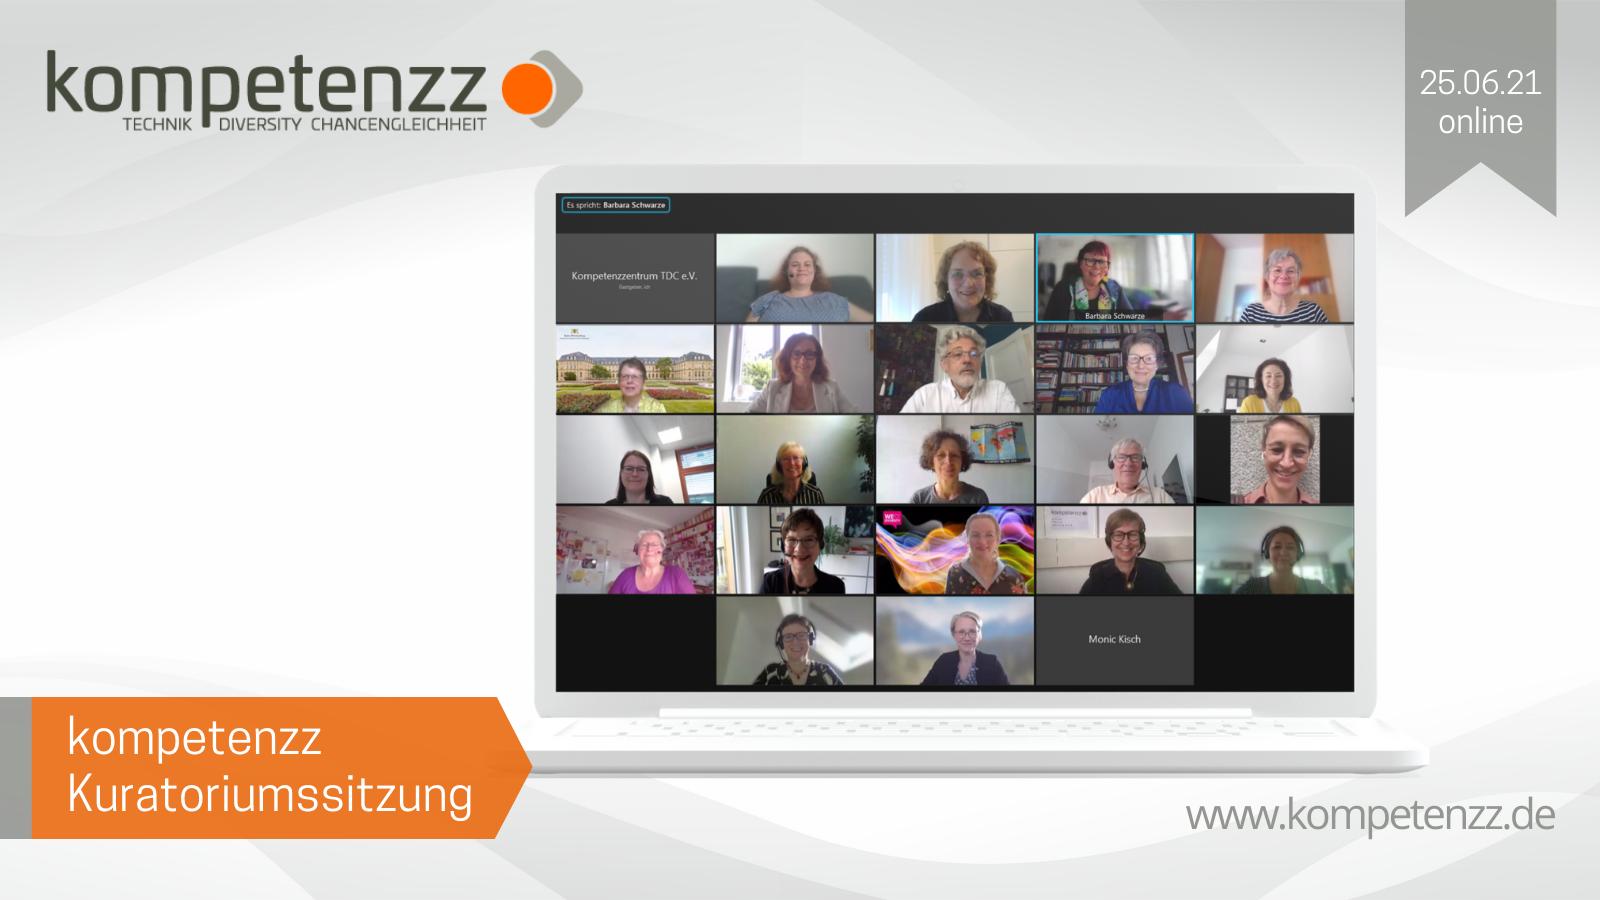 Screenshot der Kuratoriumssitzung kompetenzz 2021